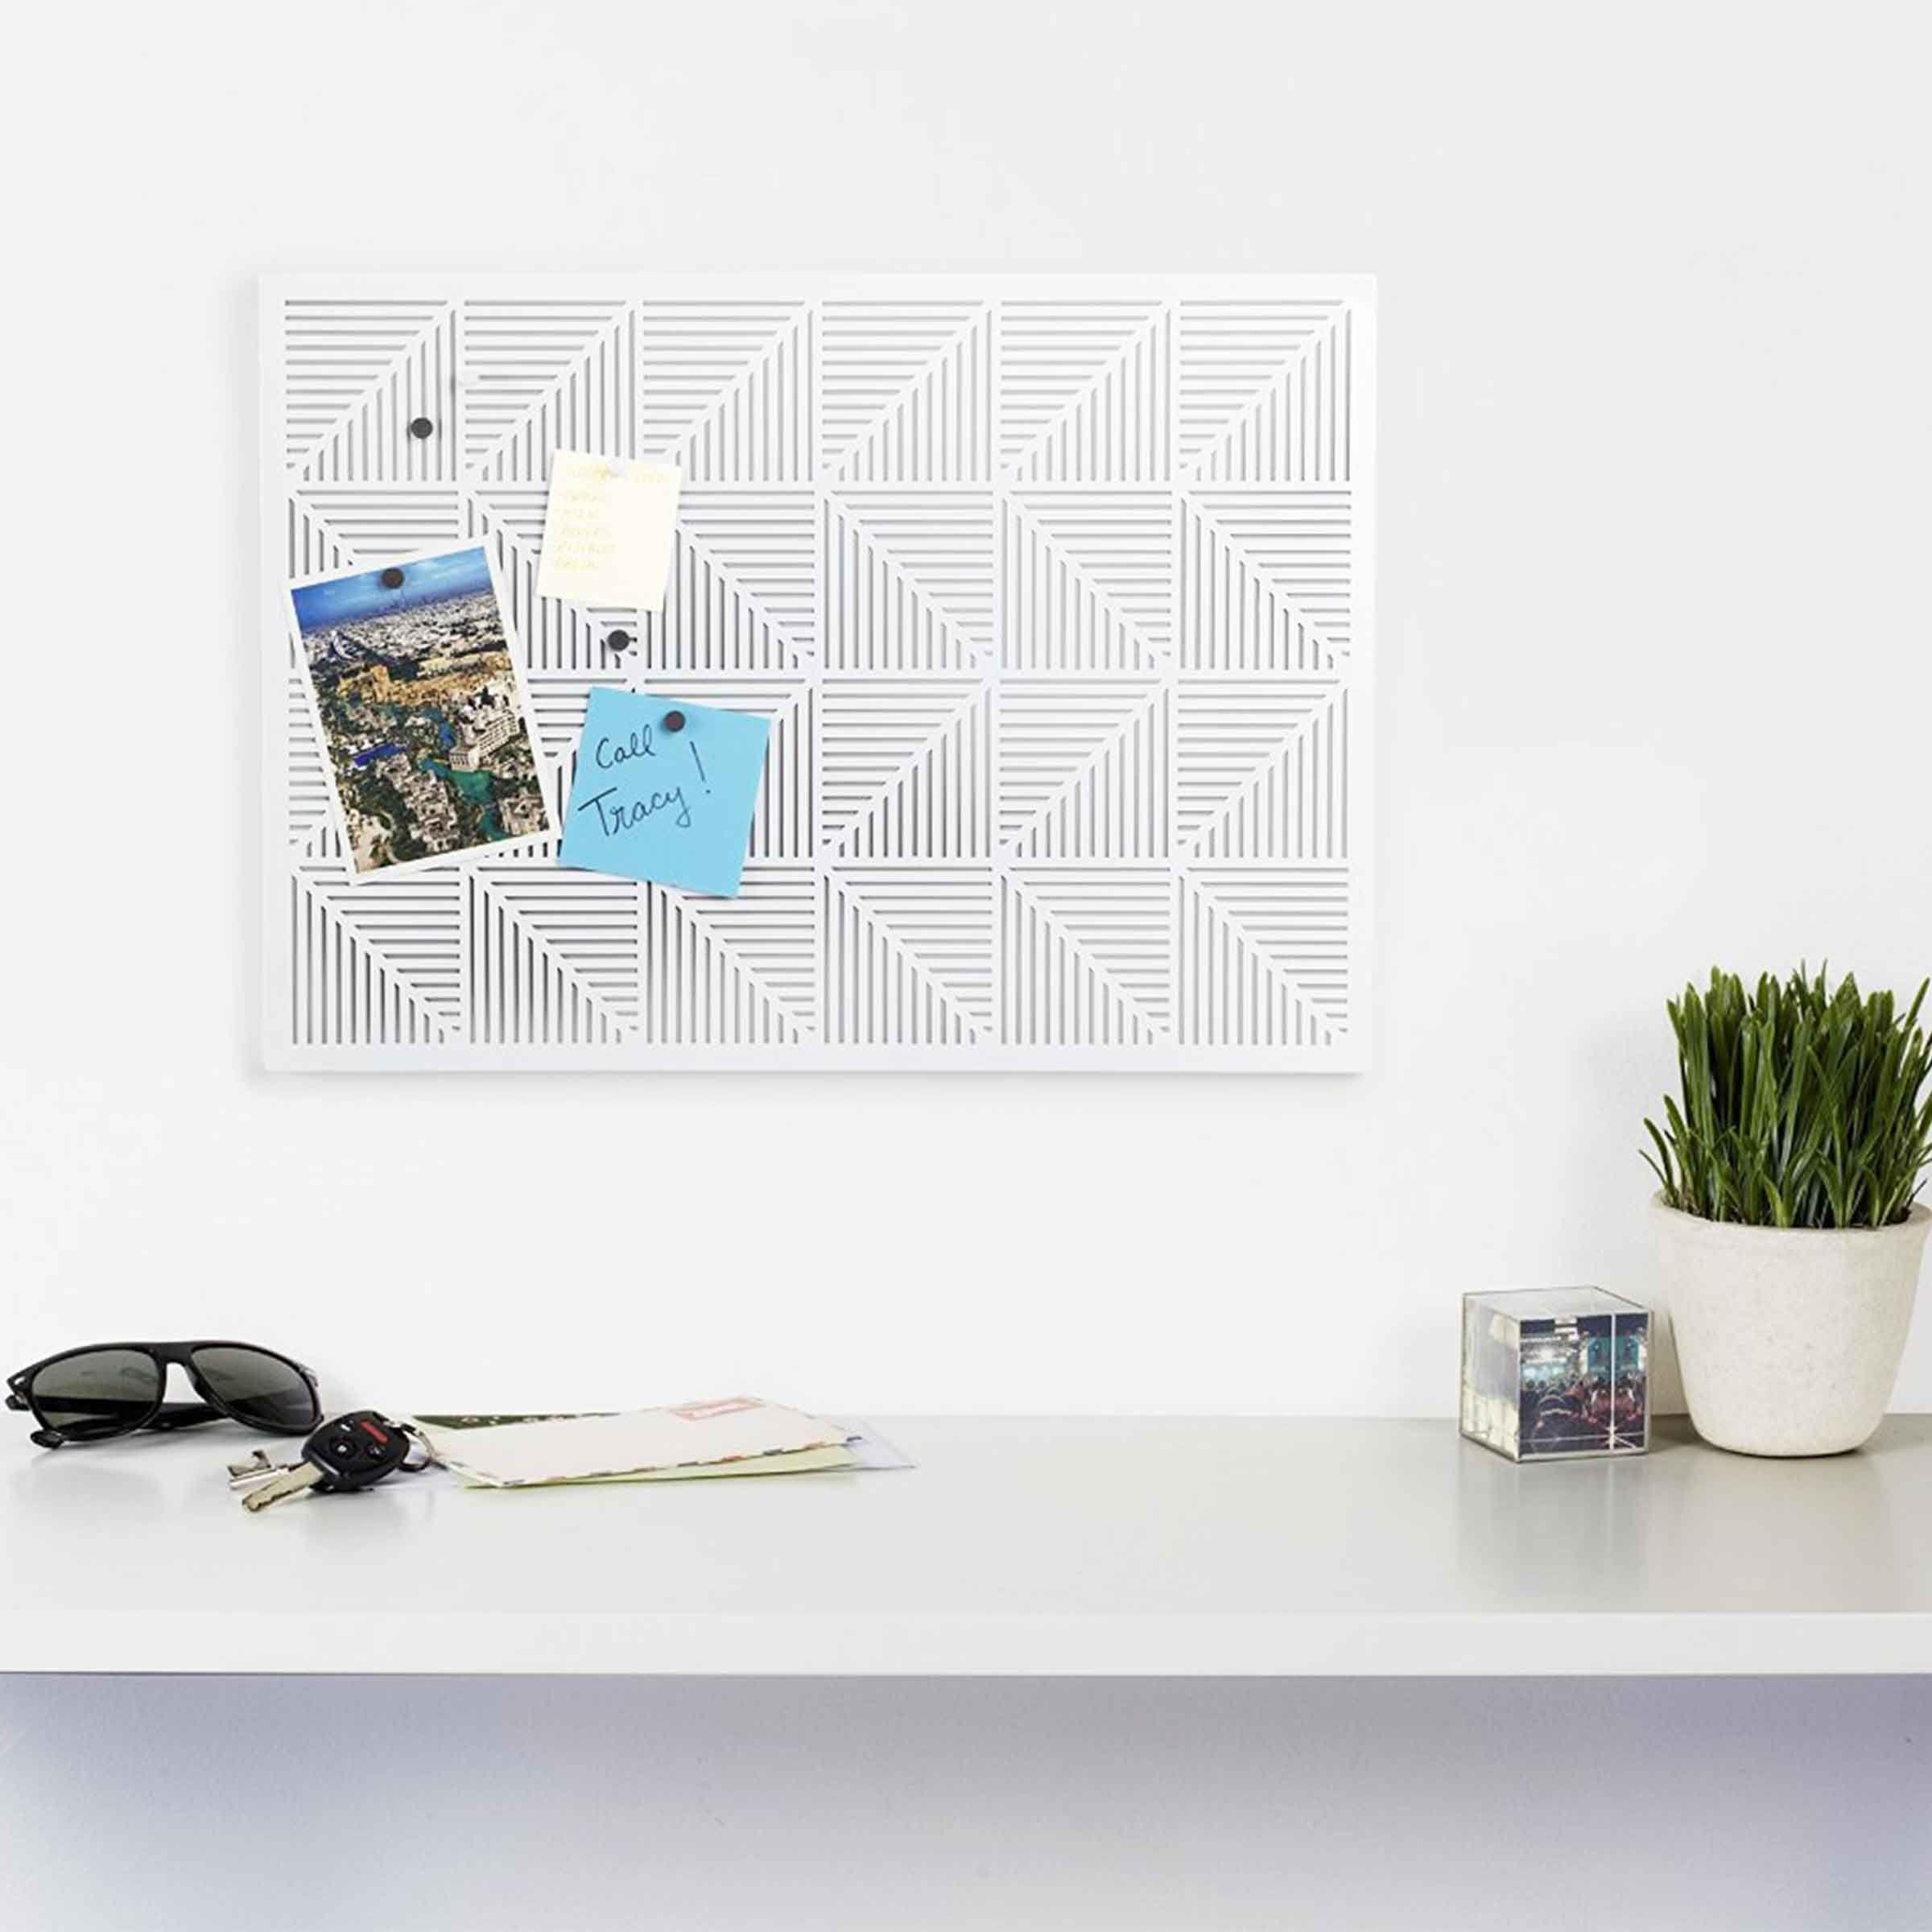 Tableau D Affichage Vitré panneau d'affichage pour bureau | panneau affichage, mur